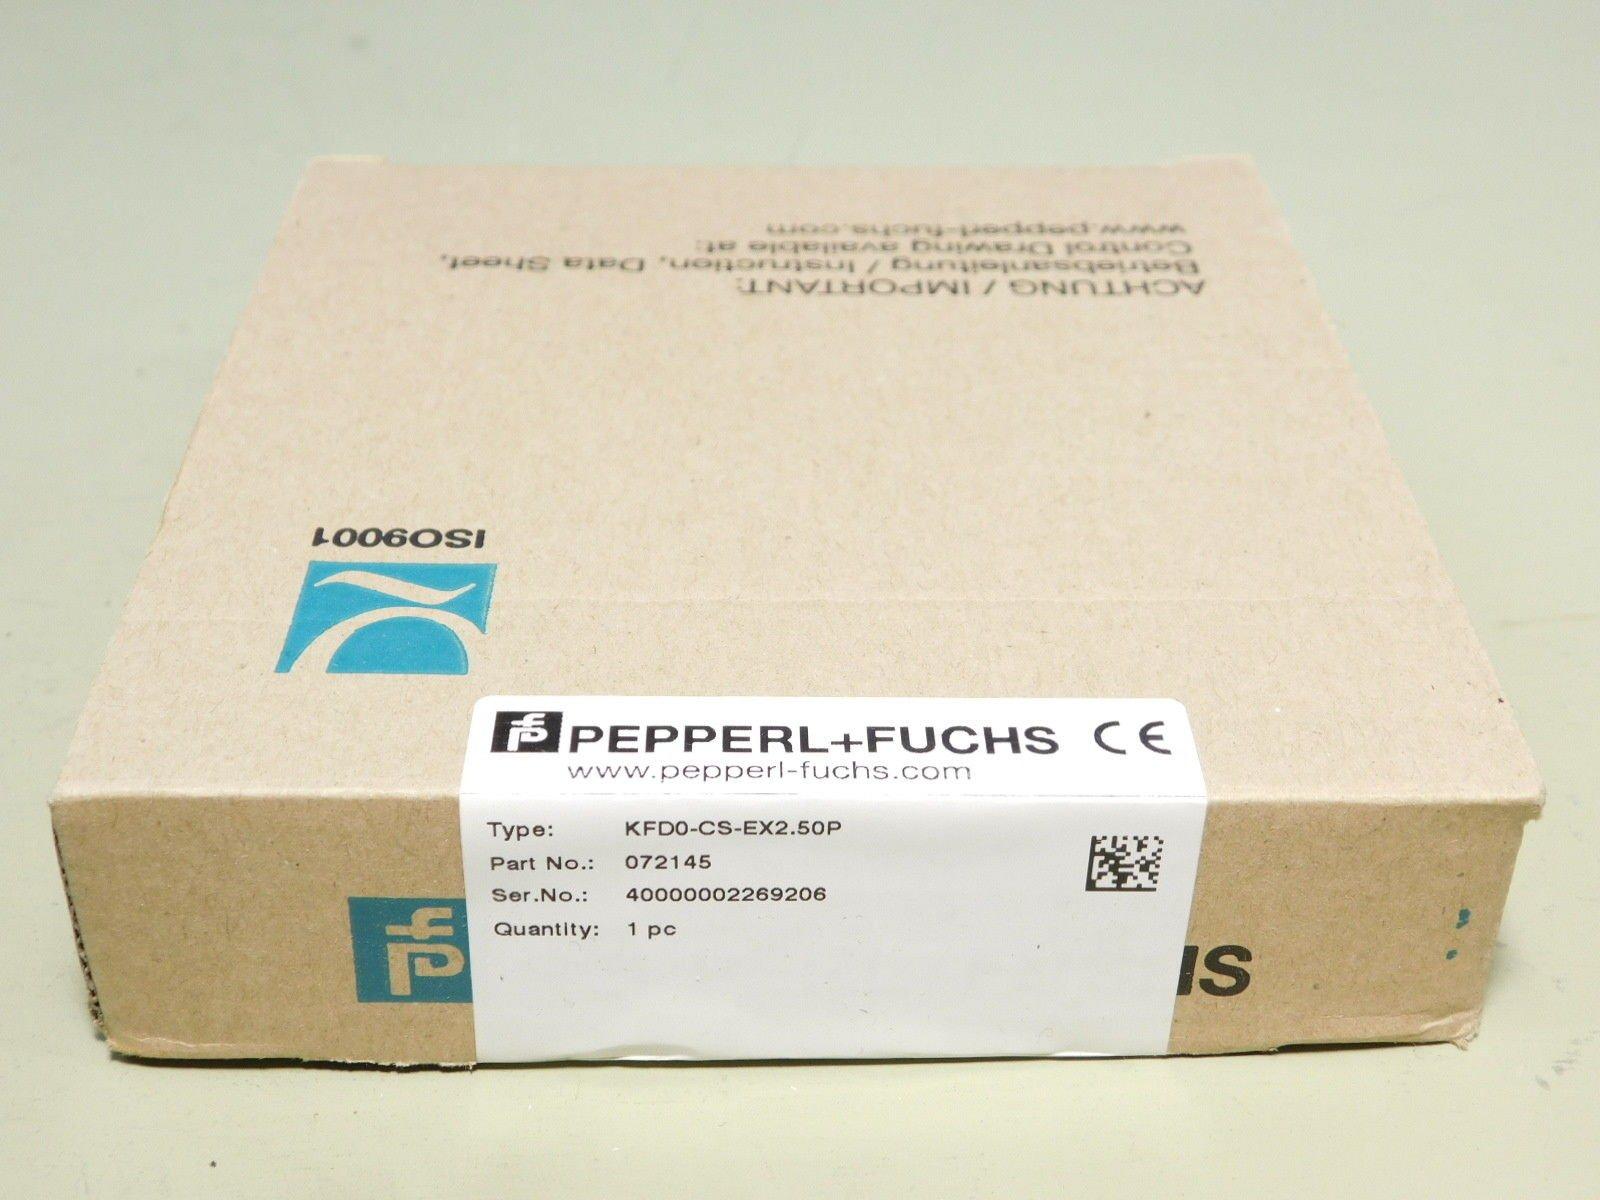 BRAND NEW - Pepperl + Fuchs KFD0-CS-EX2.50P Amplifier Module